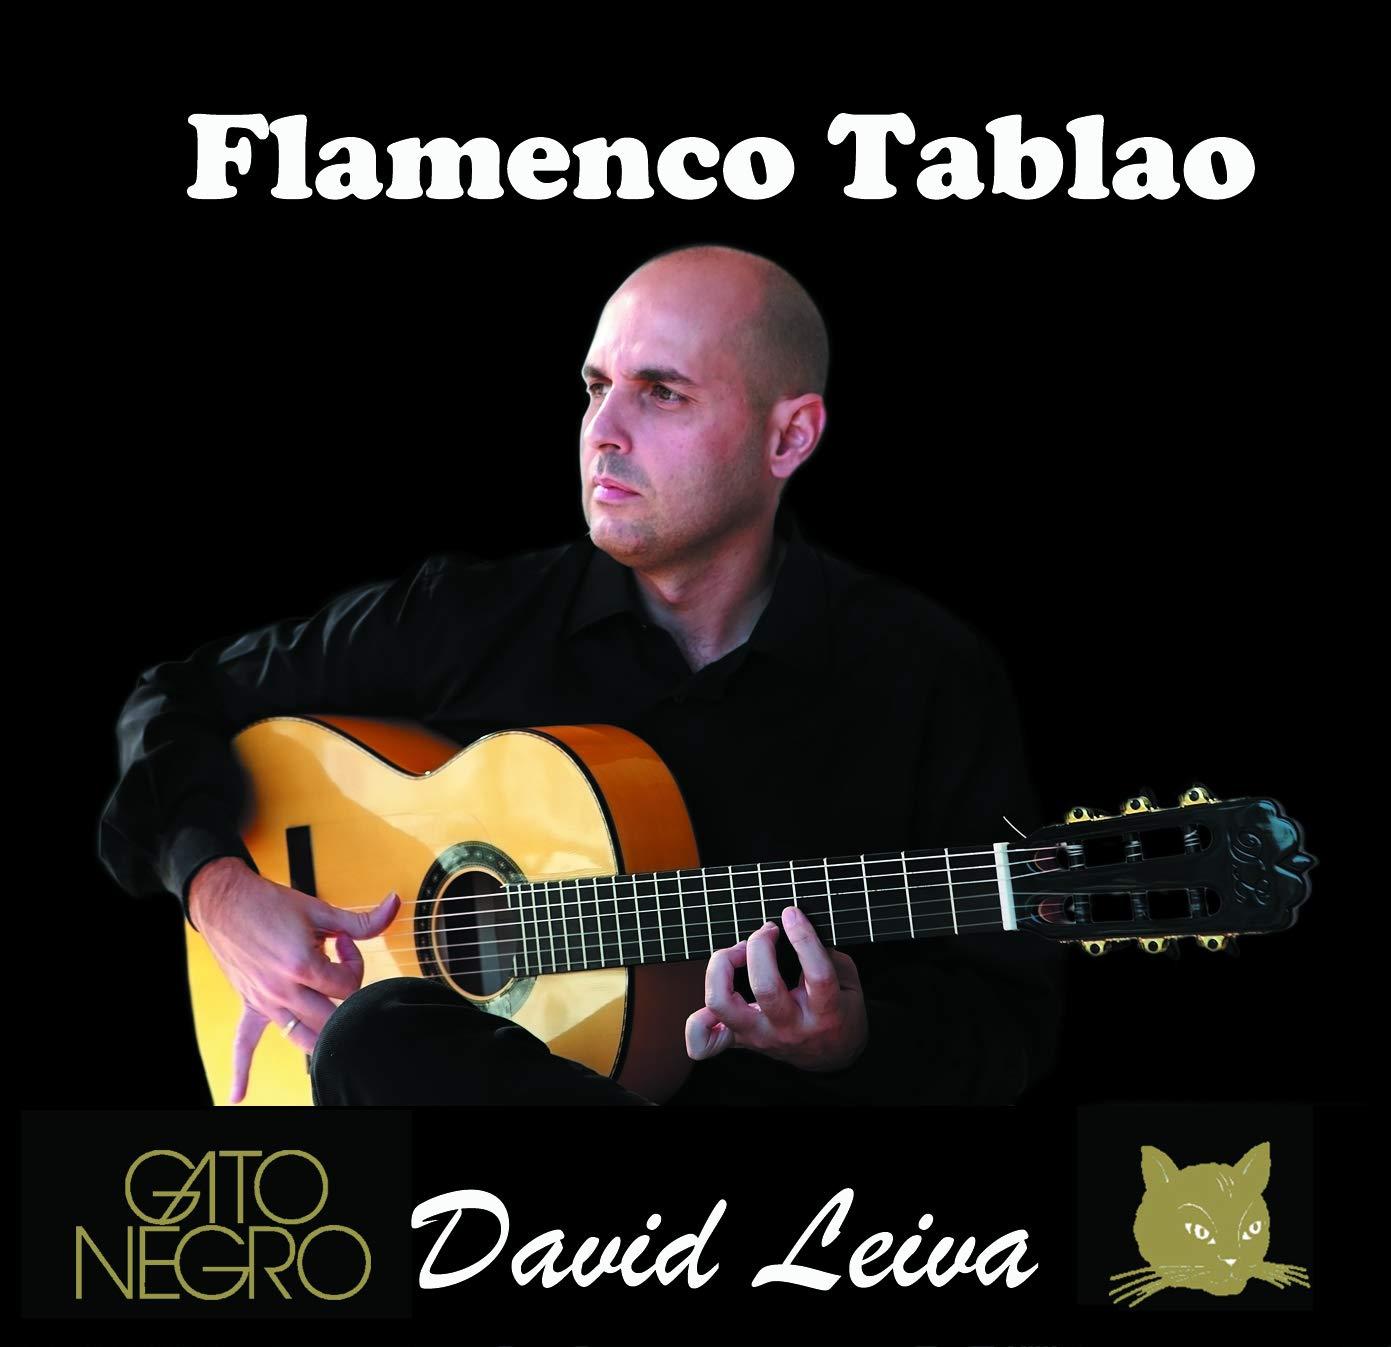 Cuerdas Guitarra Clásica Flamenco Tablao Gato Negro: Amazon.es ...